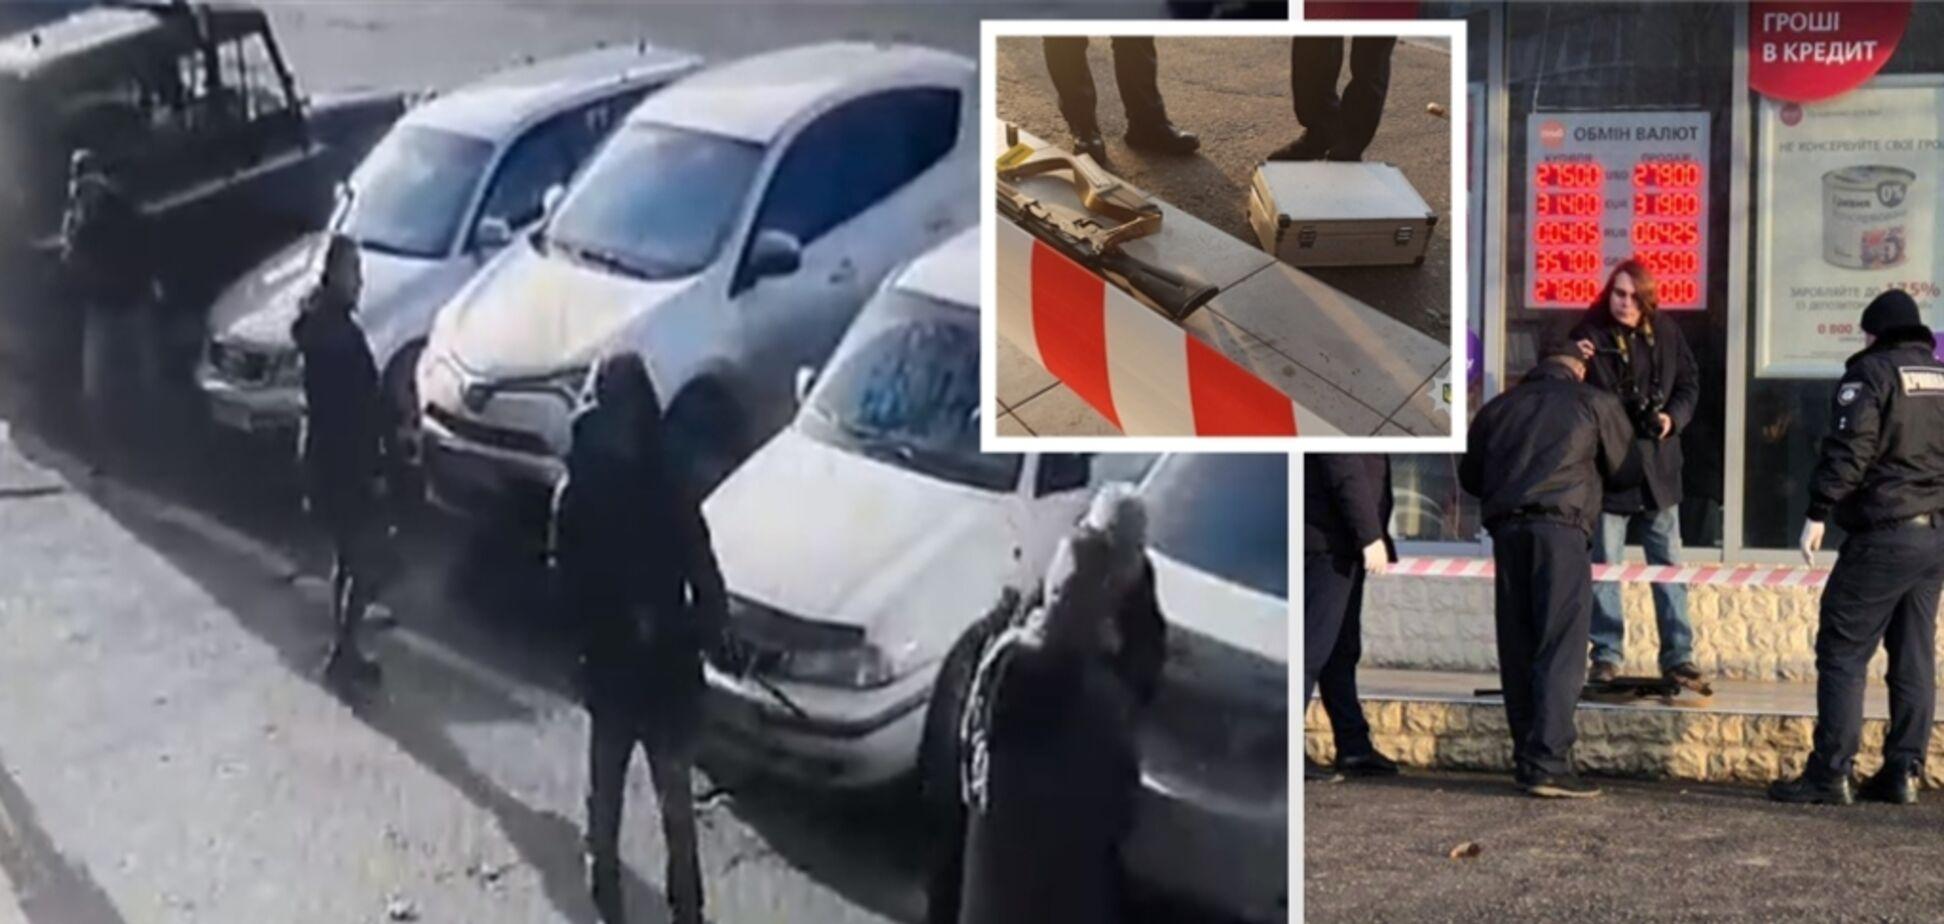 Драка с нардепом и загадочный долг: появились резонансные факты о николаевском стрелке